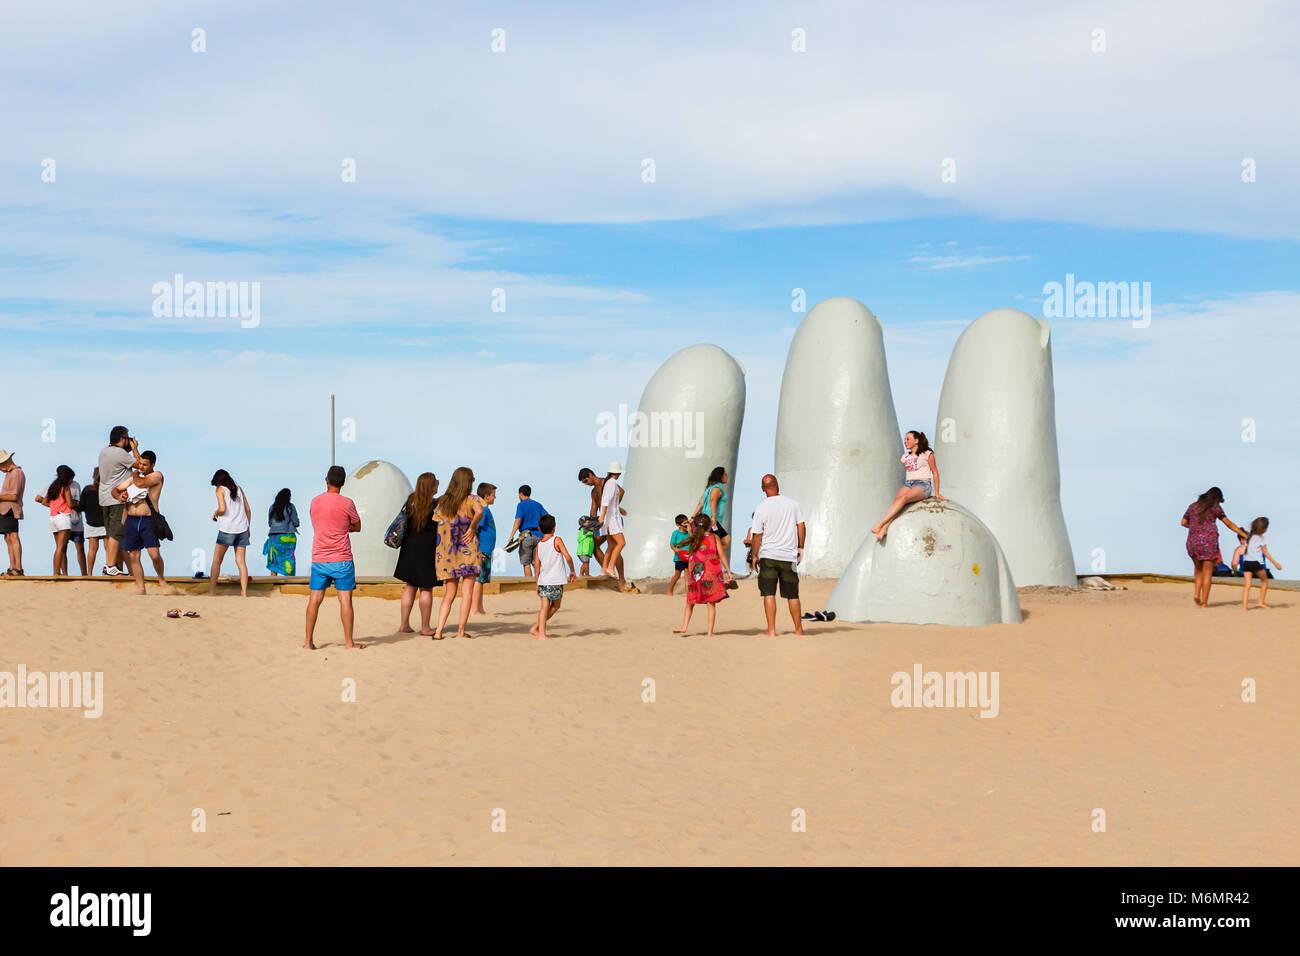 Punta Del Este, Uruguay - febrero 28th, 2018: la gente tomando fotos y sefies en la mano, la escultura realizada Imagen De Stock